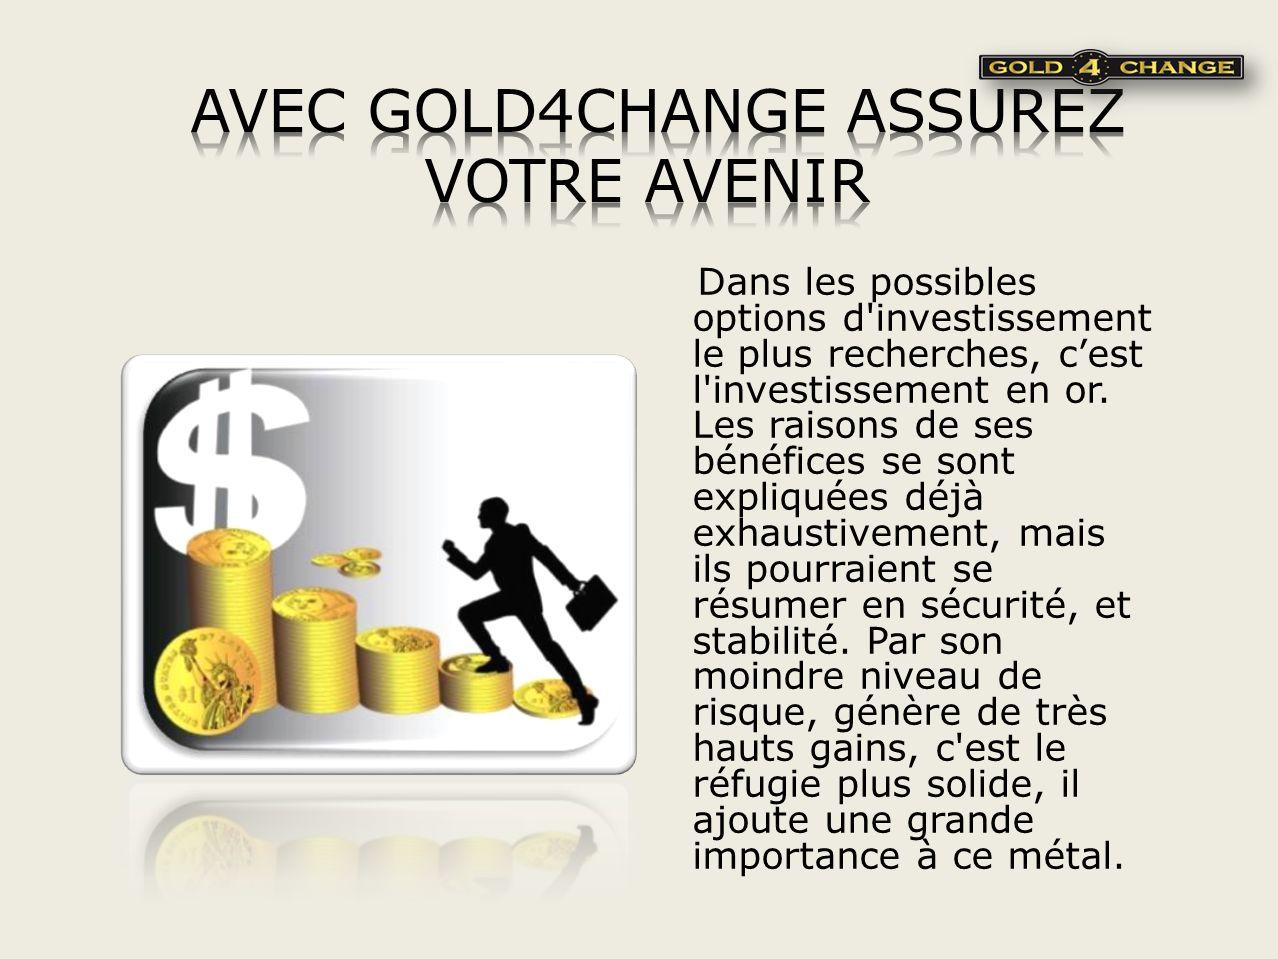 Dans les possibles options d investissement le plus recherches, cest l investissement en or.